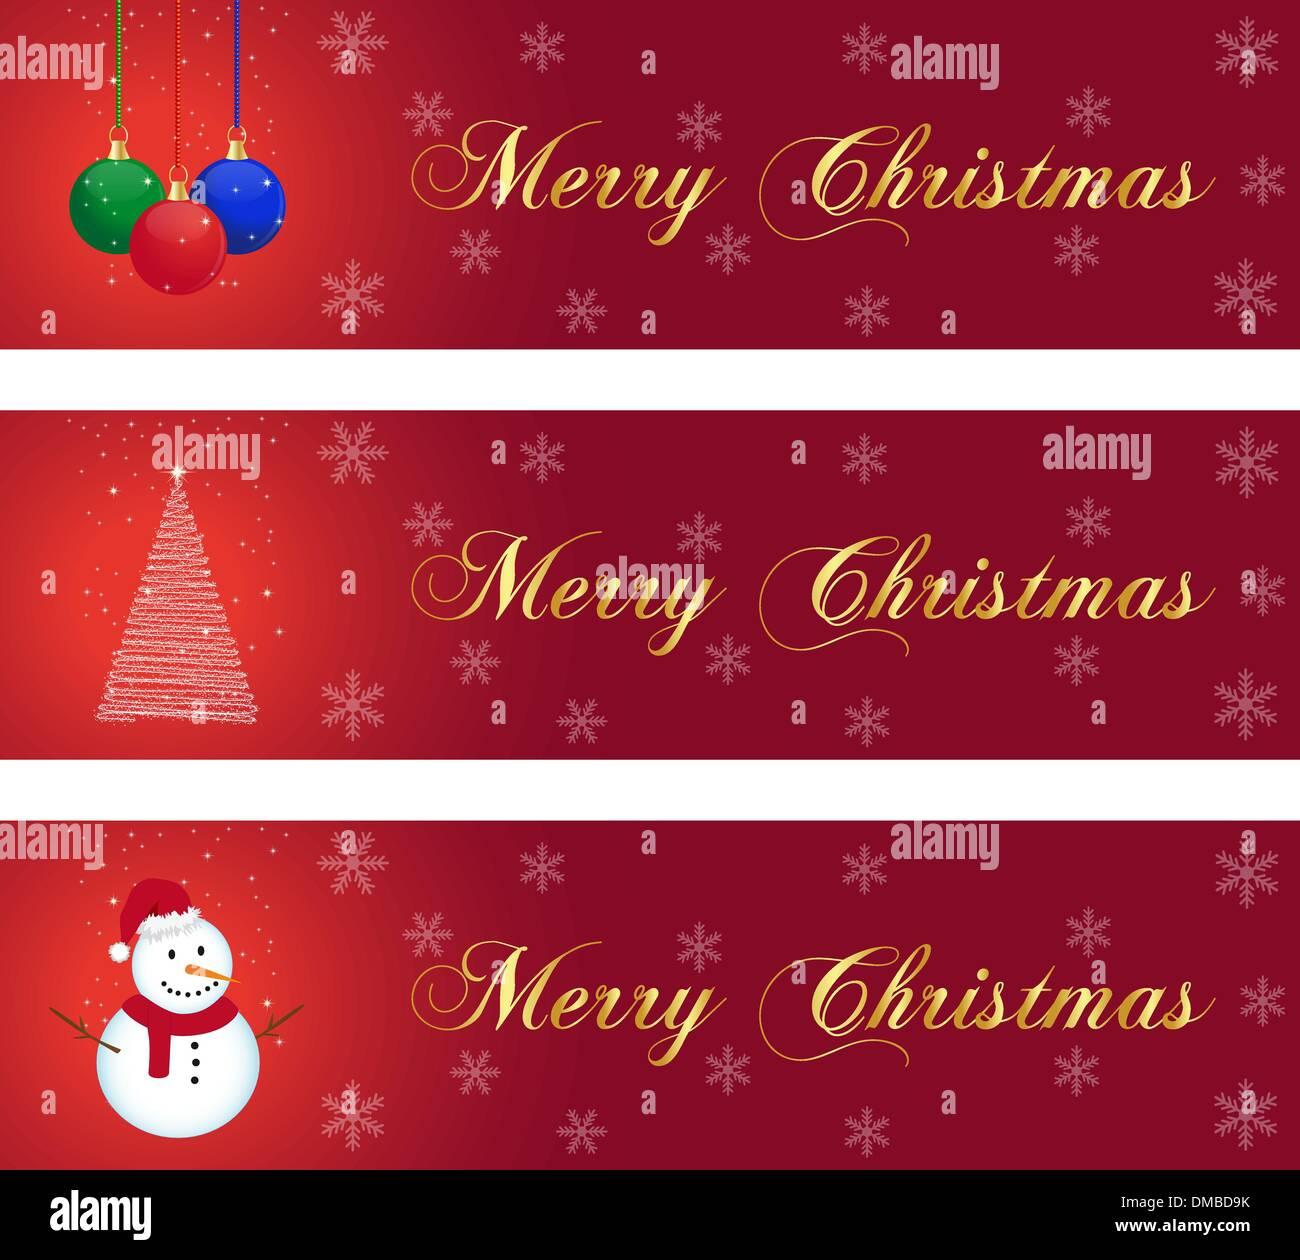 Christmas banners - Stock Image